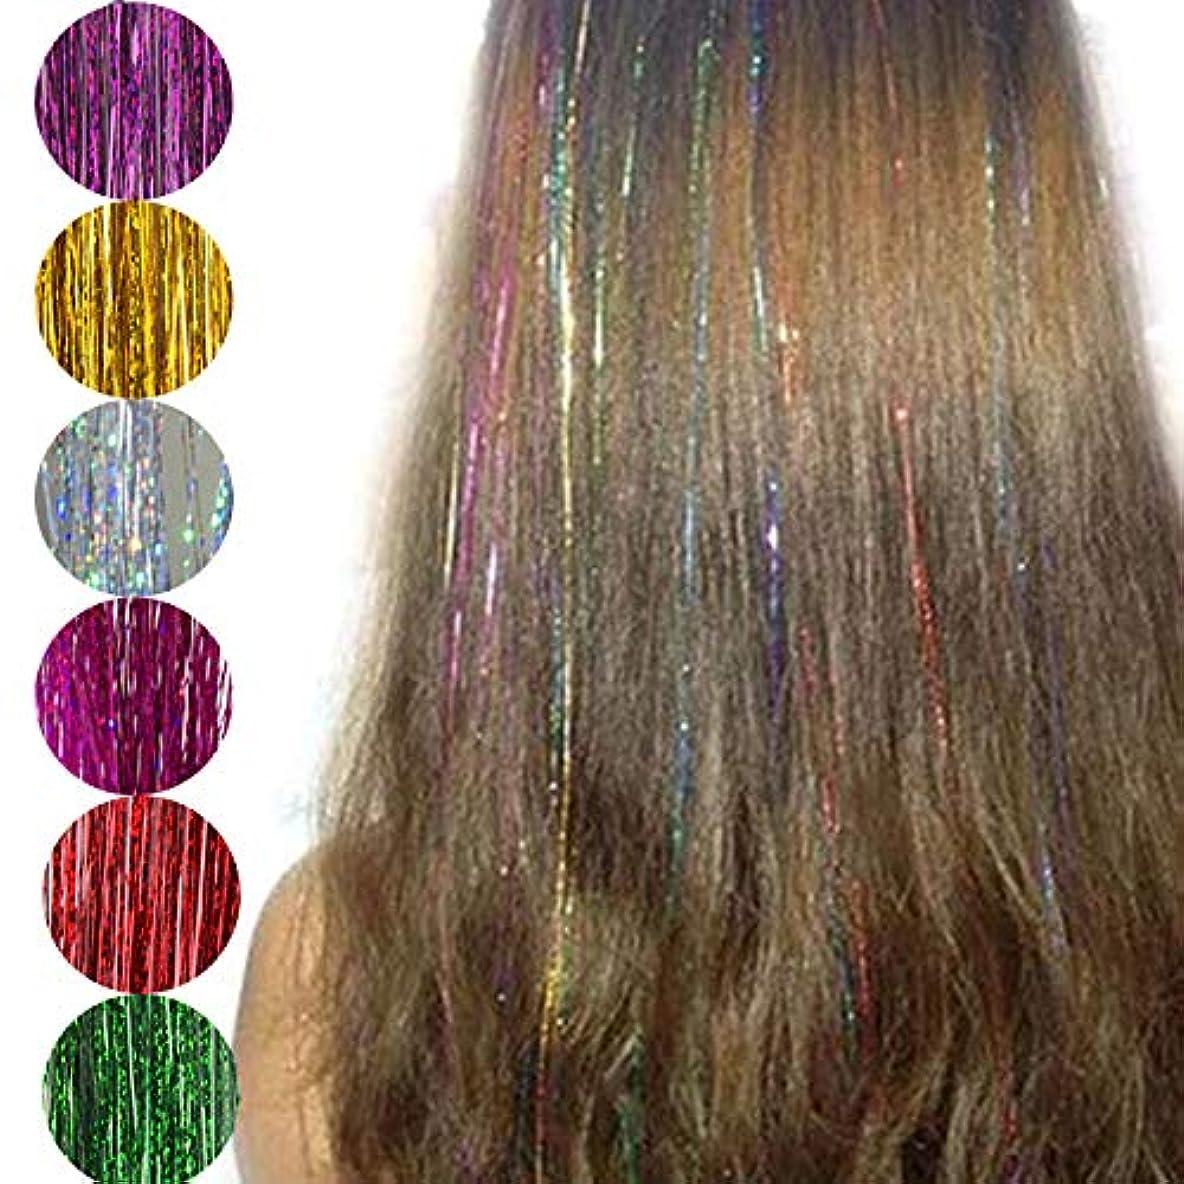 文覗くハッチファッションセクシーな8色髪見掛け倒しキラキラエクステンションハイライト偽髪ストランドパーティーアクセサリー2ピース